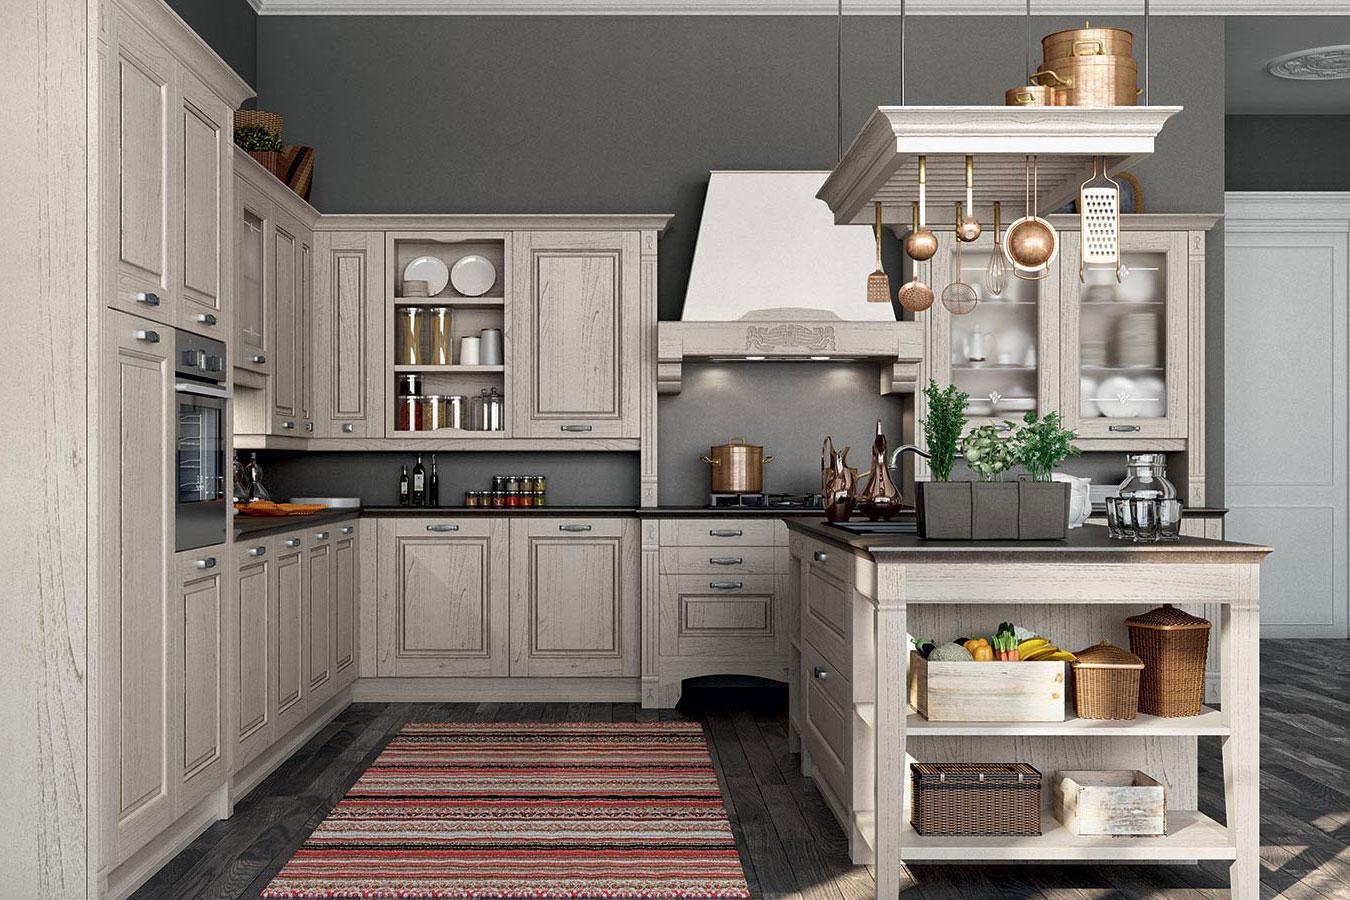 Cucina classica verona di arredo3 righetti mobili novara - Arredo cucina classica ...